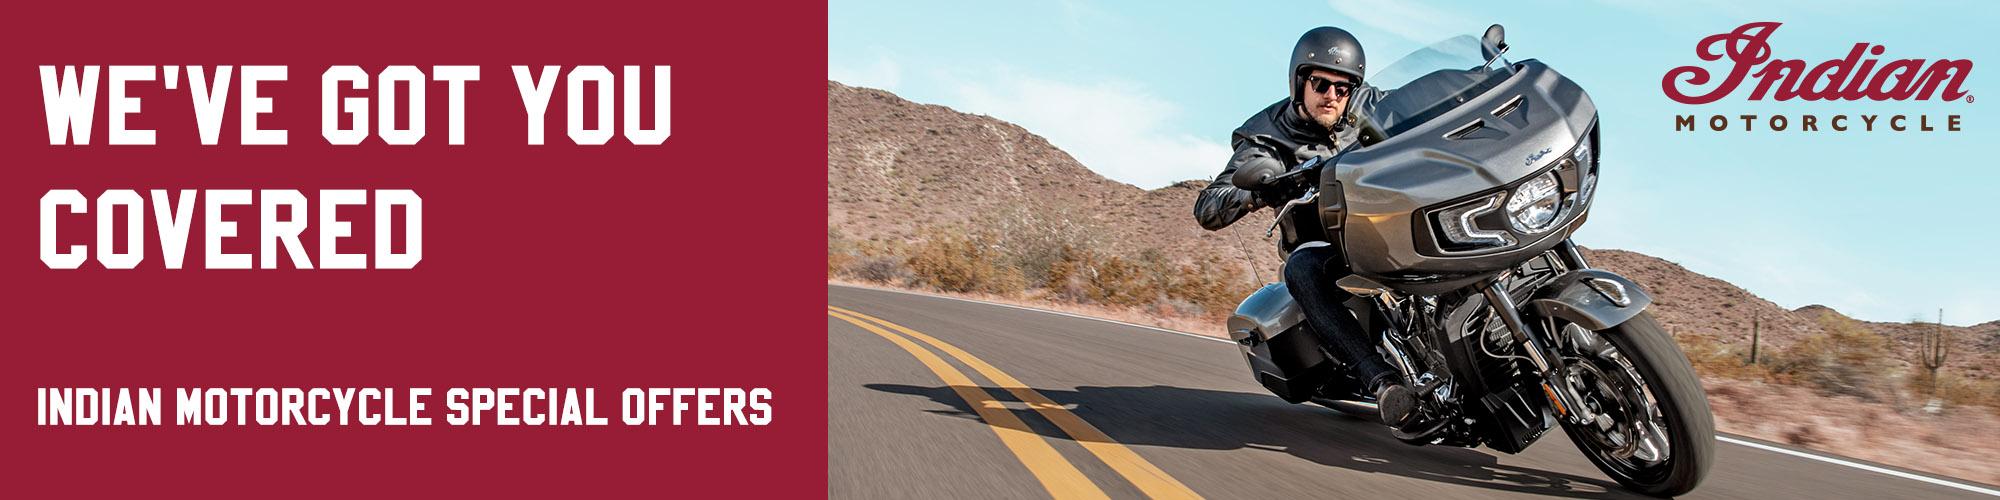 Indian Motorcycles Honoring Heroes